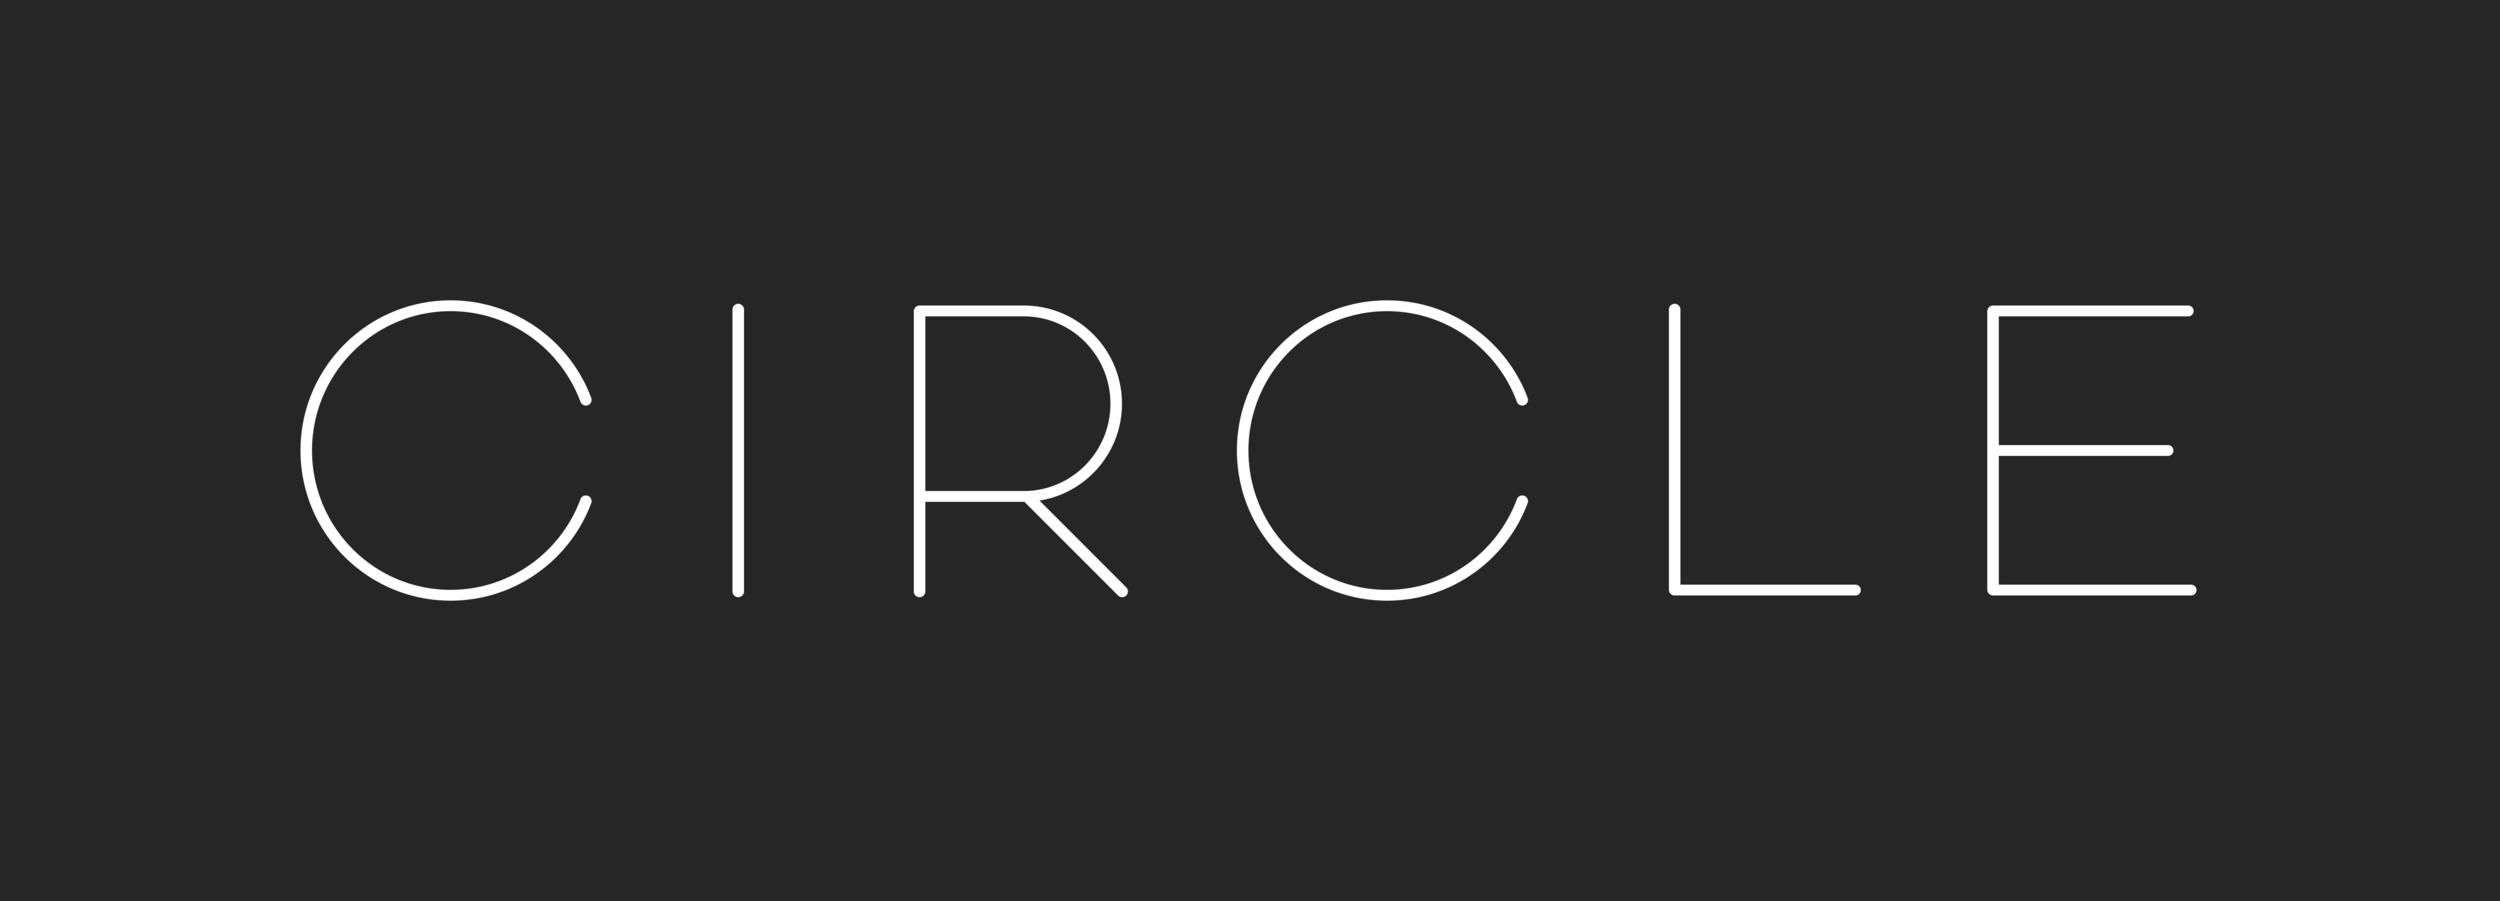 circle-logo-wordmark-white.png